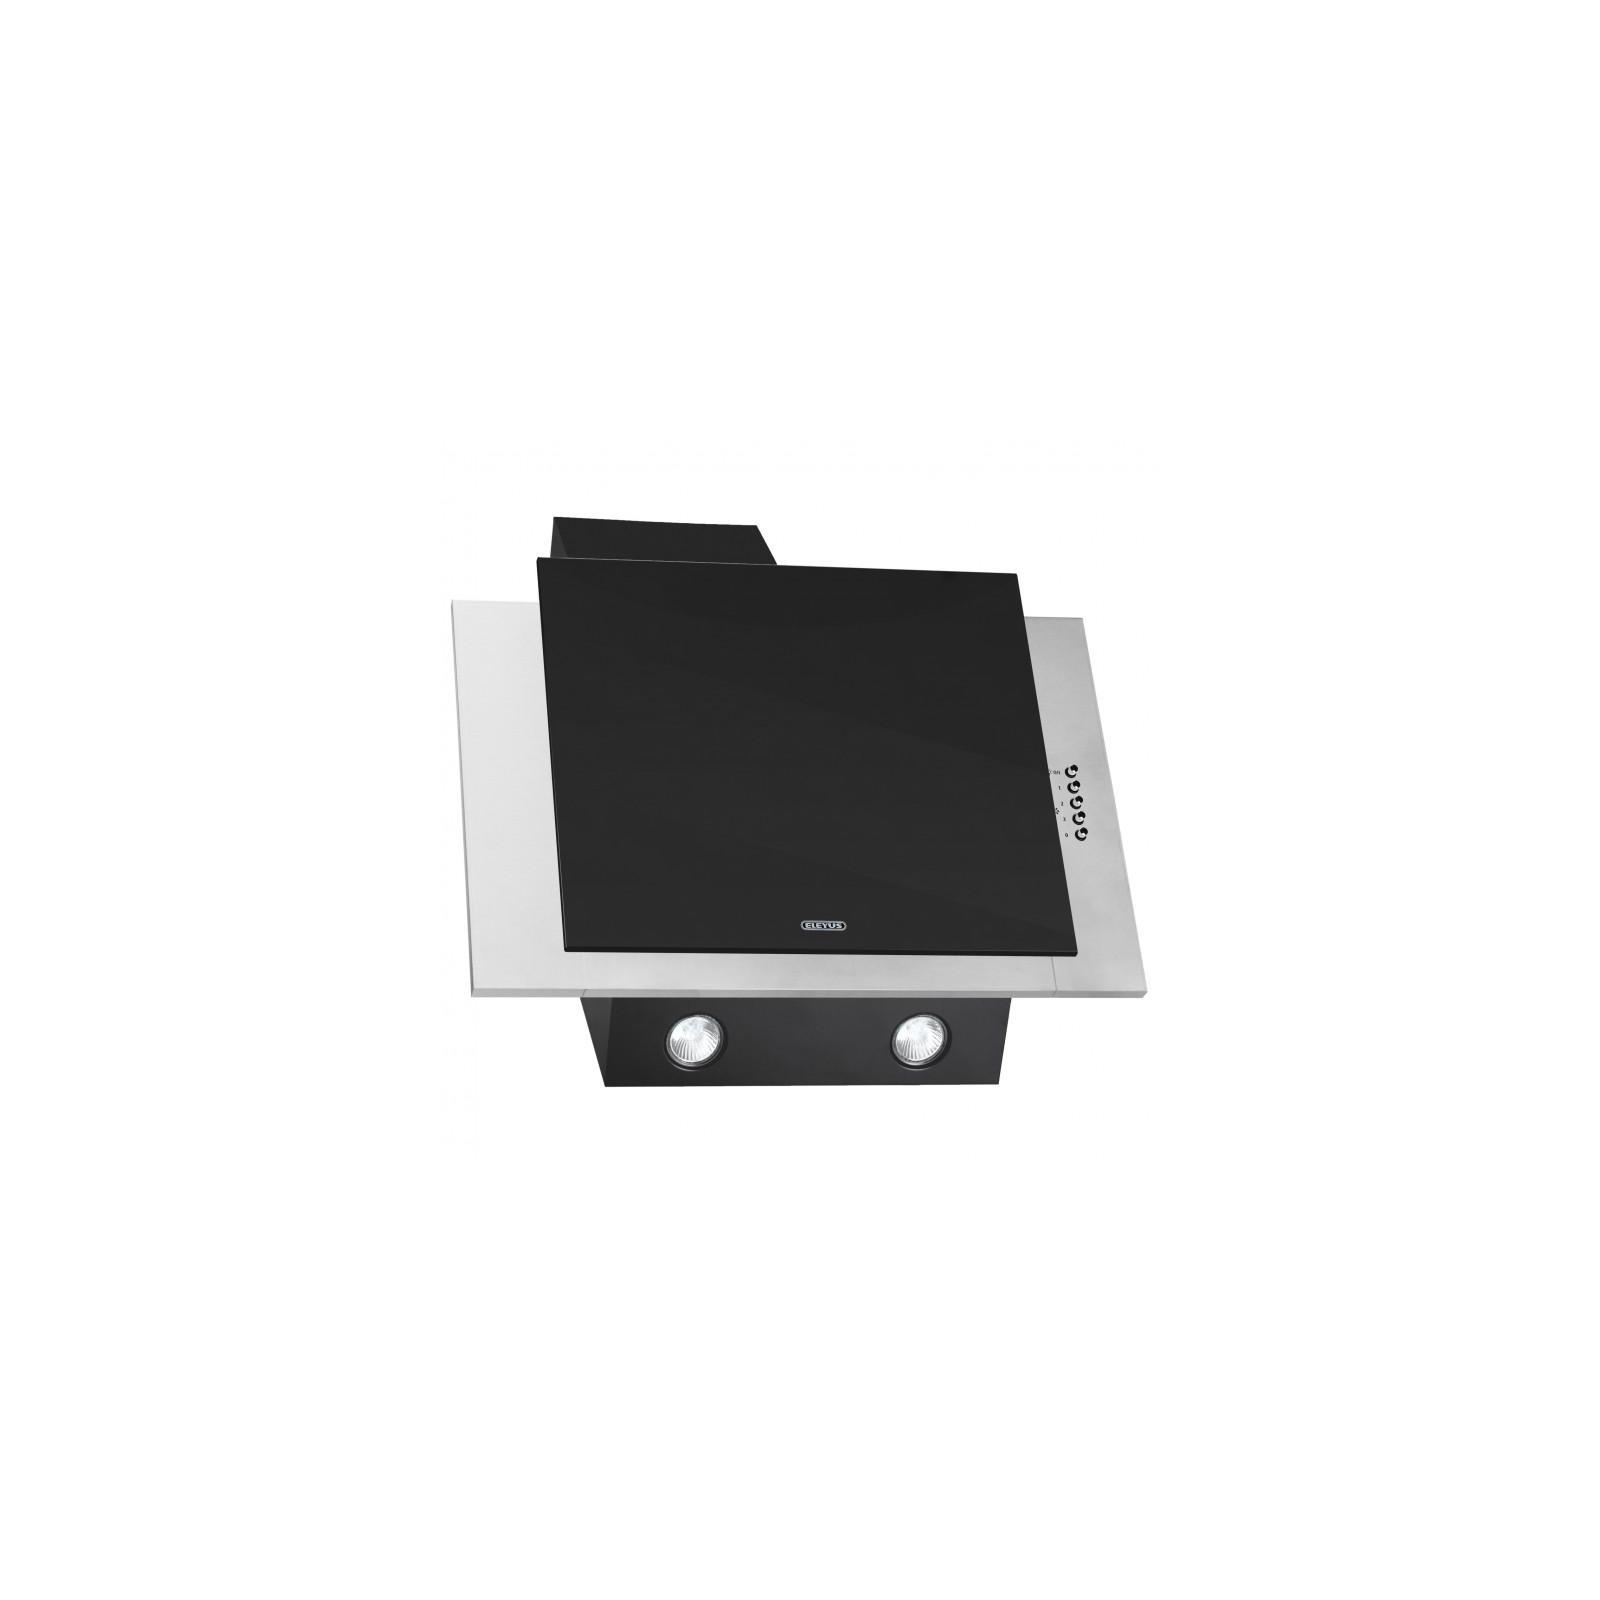 Вытяжка кухонная Eleyus Soul 700 60 IS+BL изображение 4